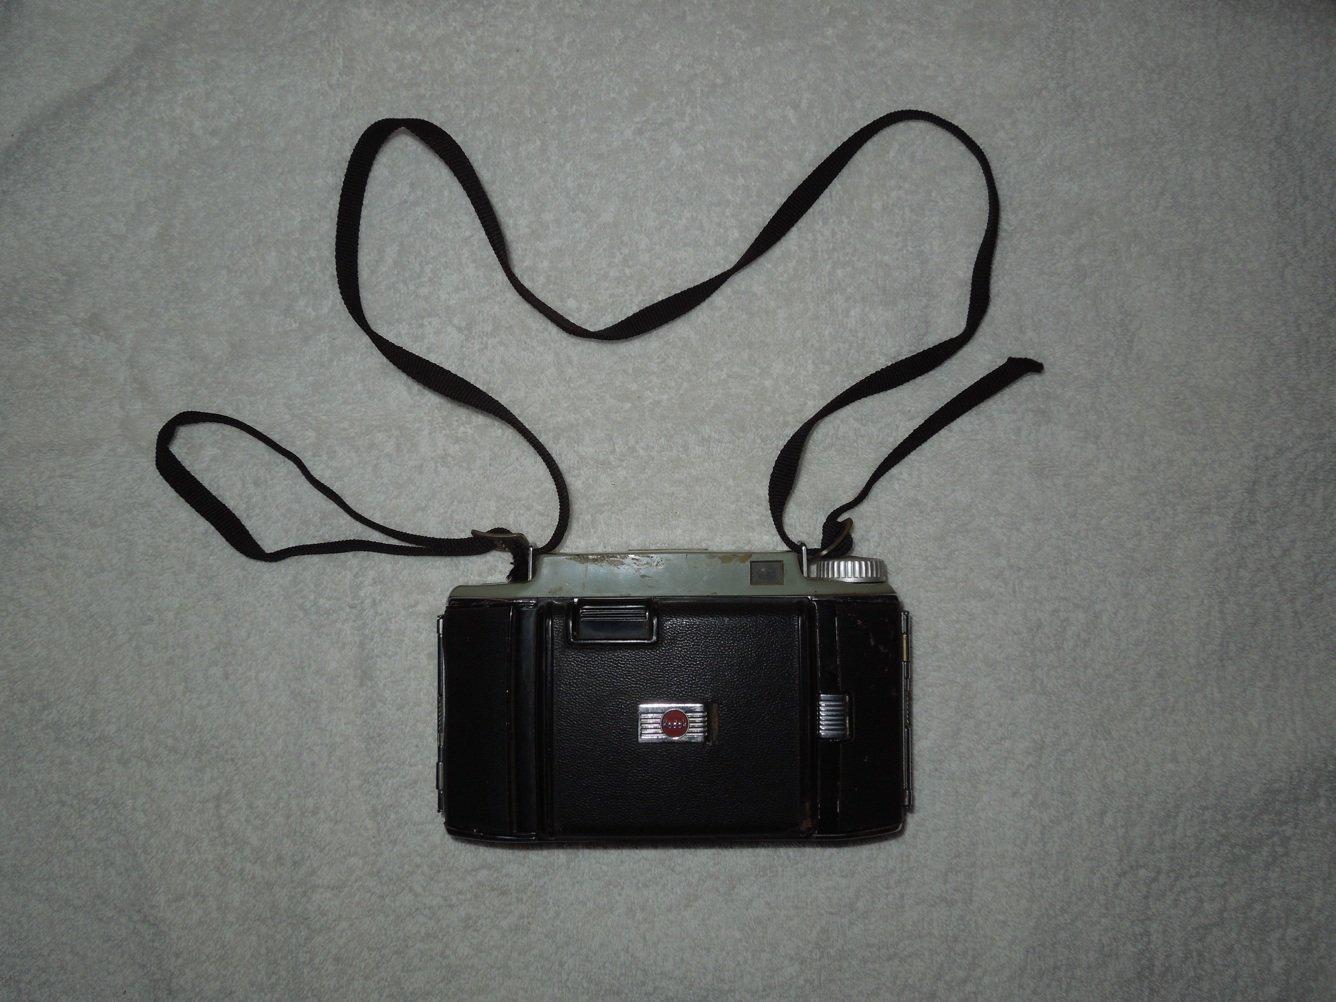 Kodak - Tourist II Folding Camera - Uses Kodak 620 Film - Kodet Lens - Vintage